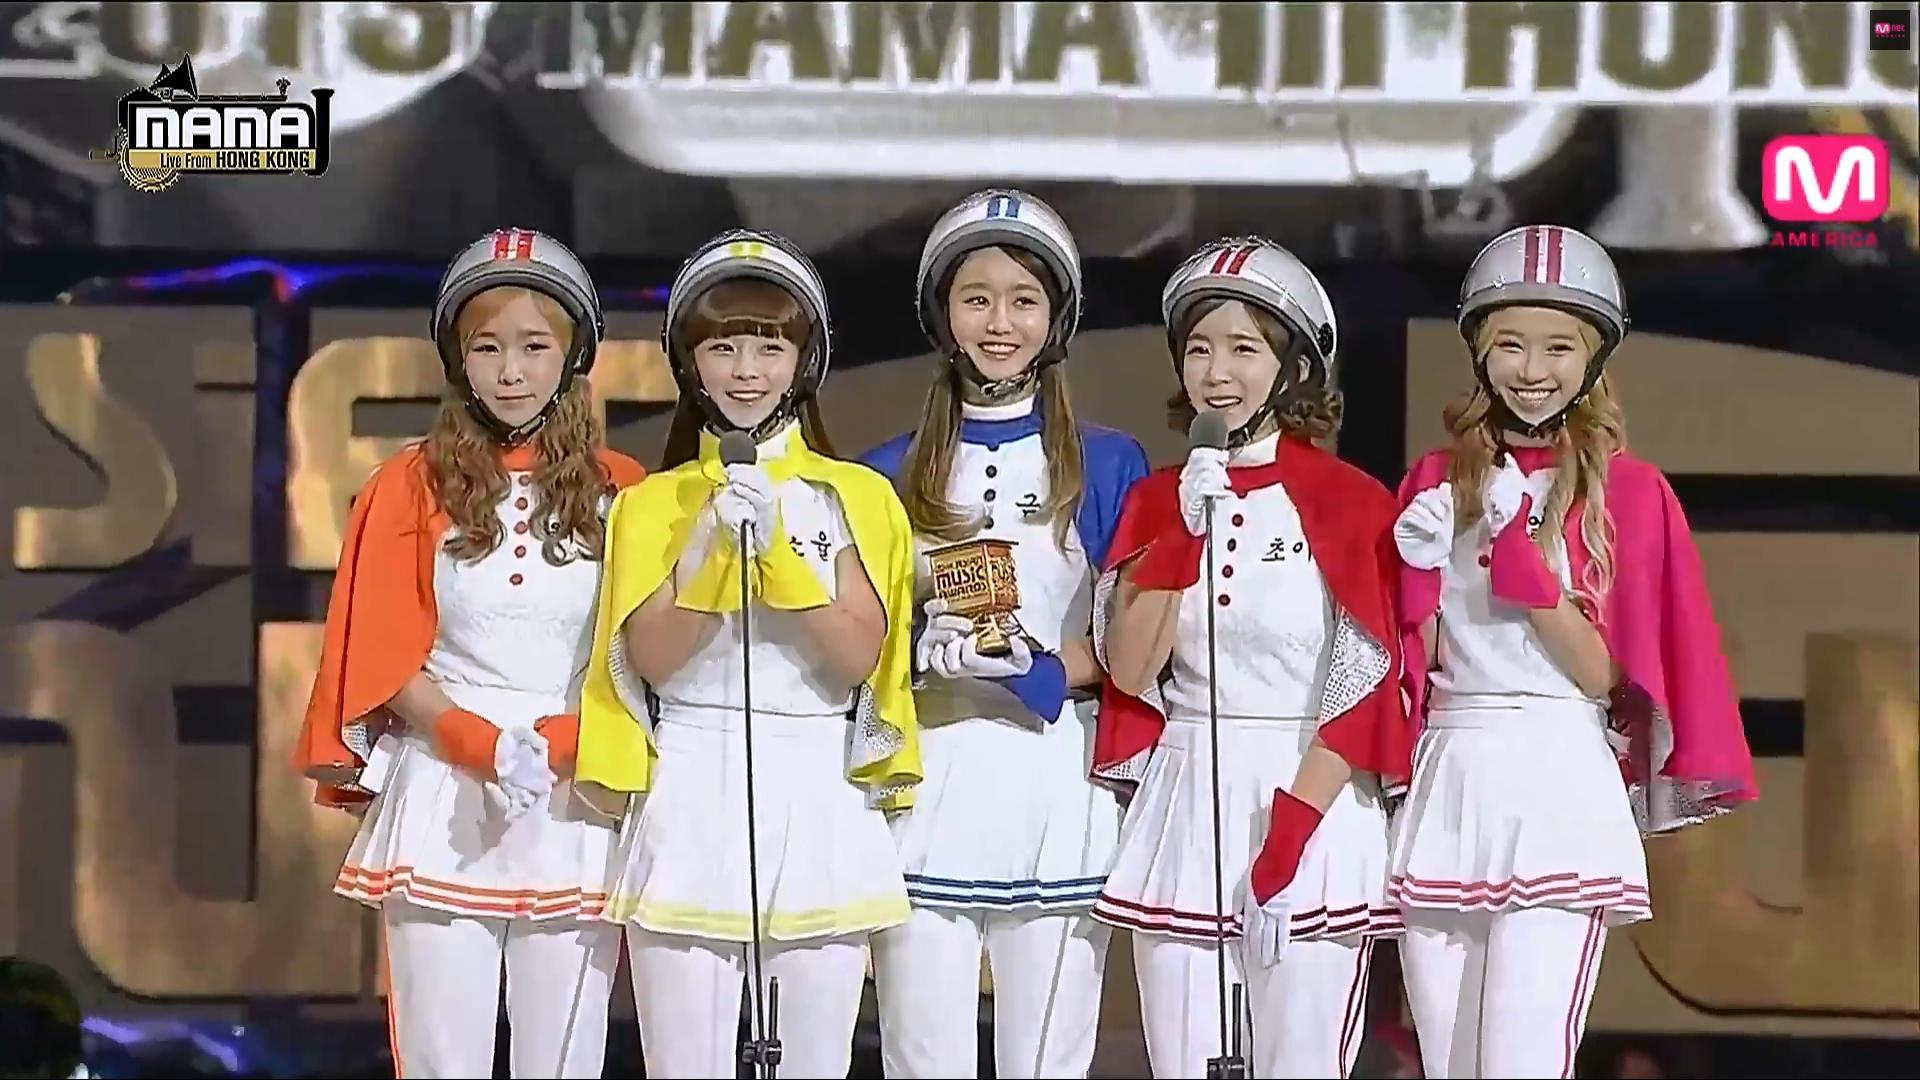 Những trang phục biểu diễn của sao Hàn khiến fan thắc mắc: Họ lấy đâu ra dũng khí để mặc như vậy? - Ảnh 3.